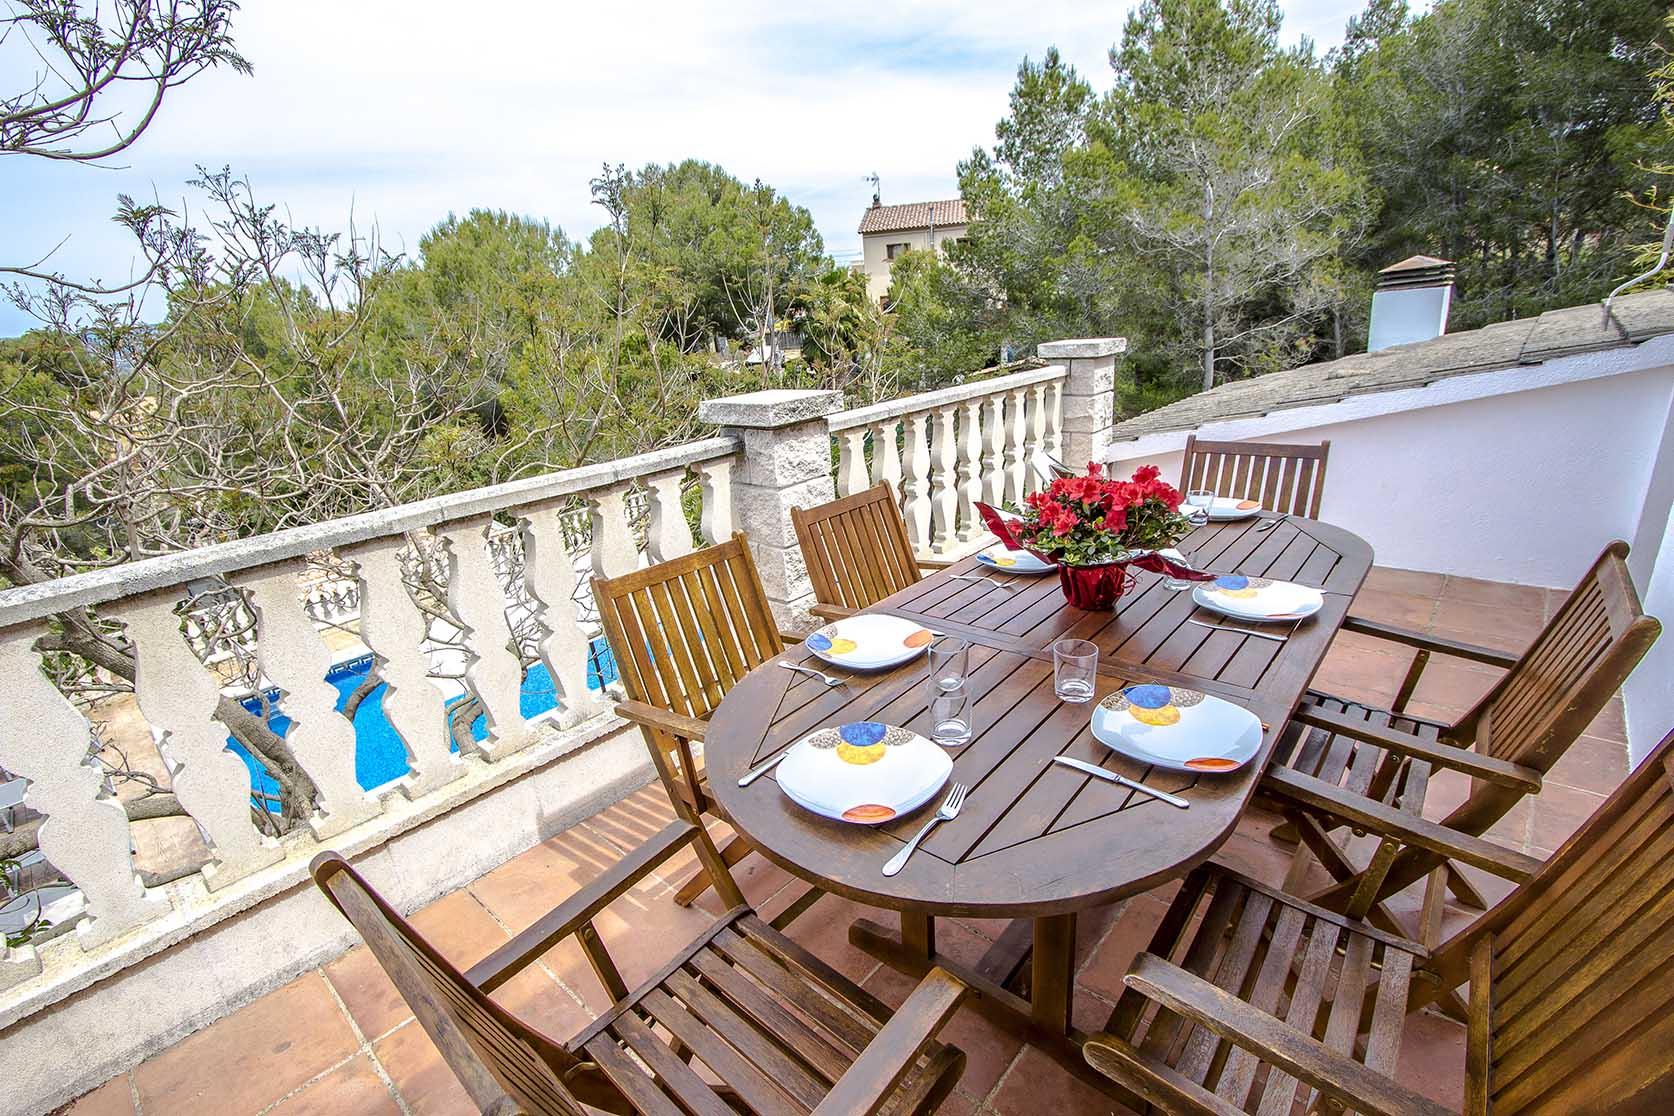 Ferienhaus Catalunya Casas: Lovely villa in Castellet, only 10 min to Costa Dorada beaches! (1890850), Castellet i la Gornal, Costa del Garraf, Katalonien, Spanien, Bild 9